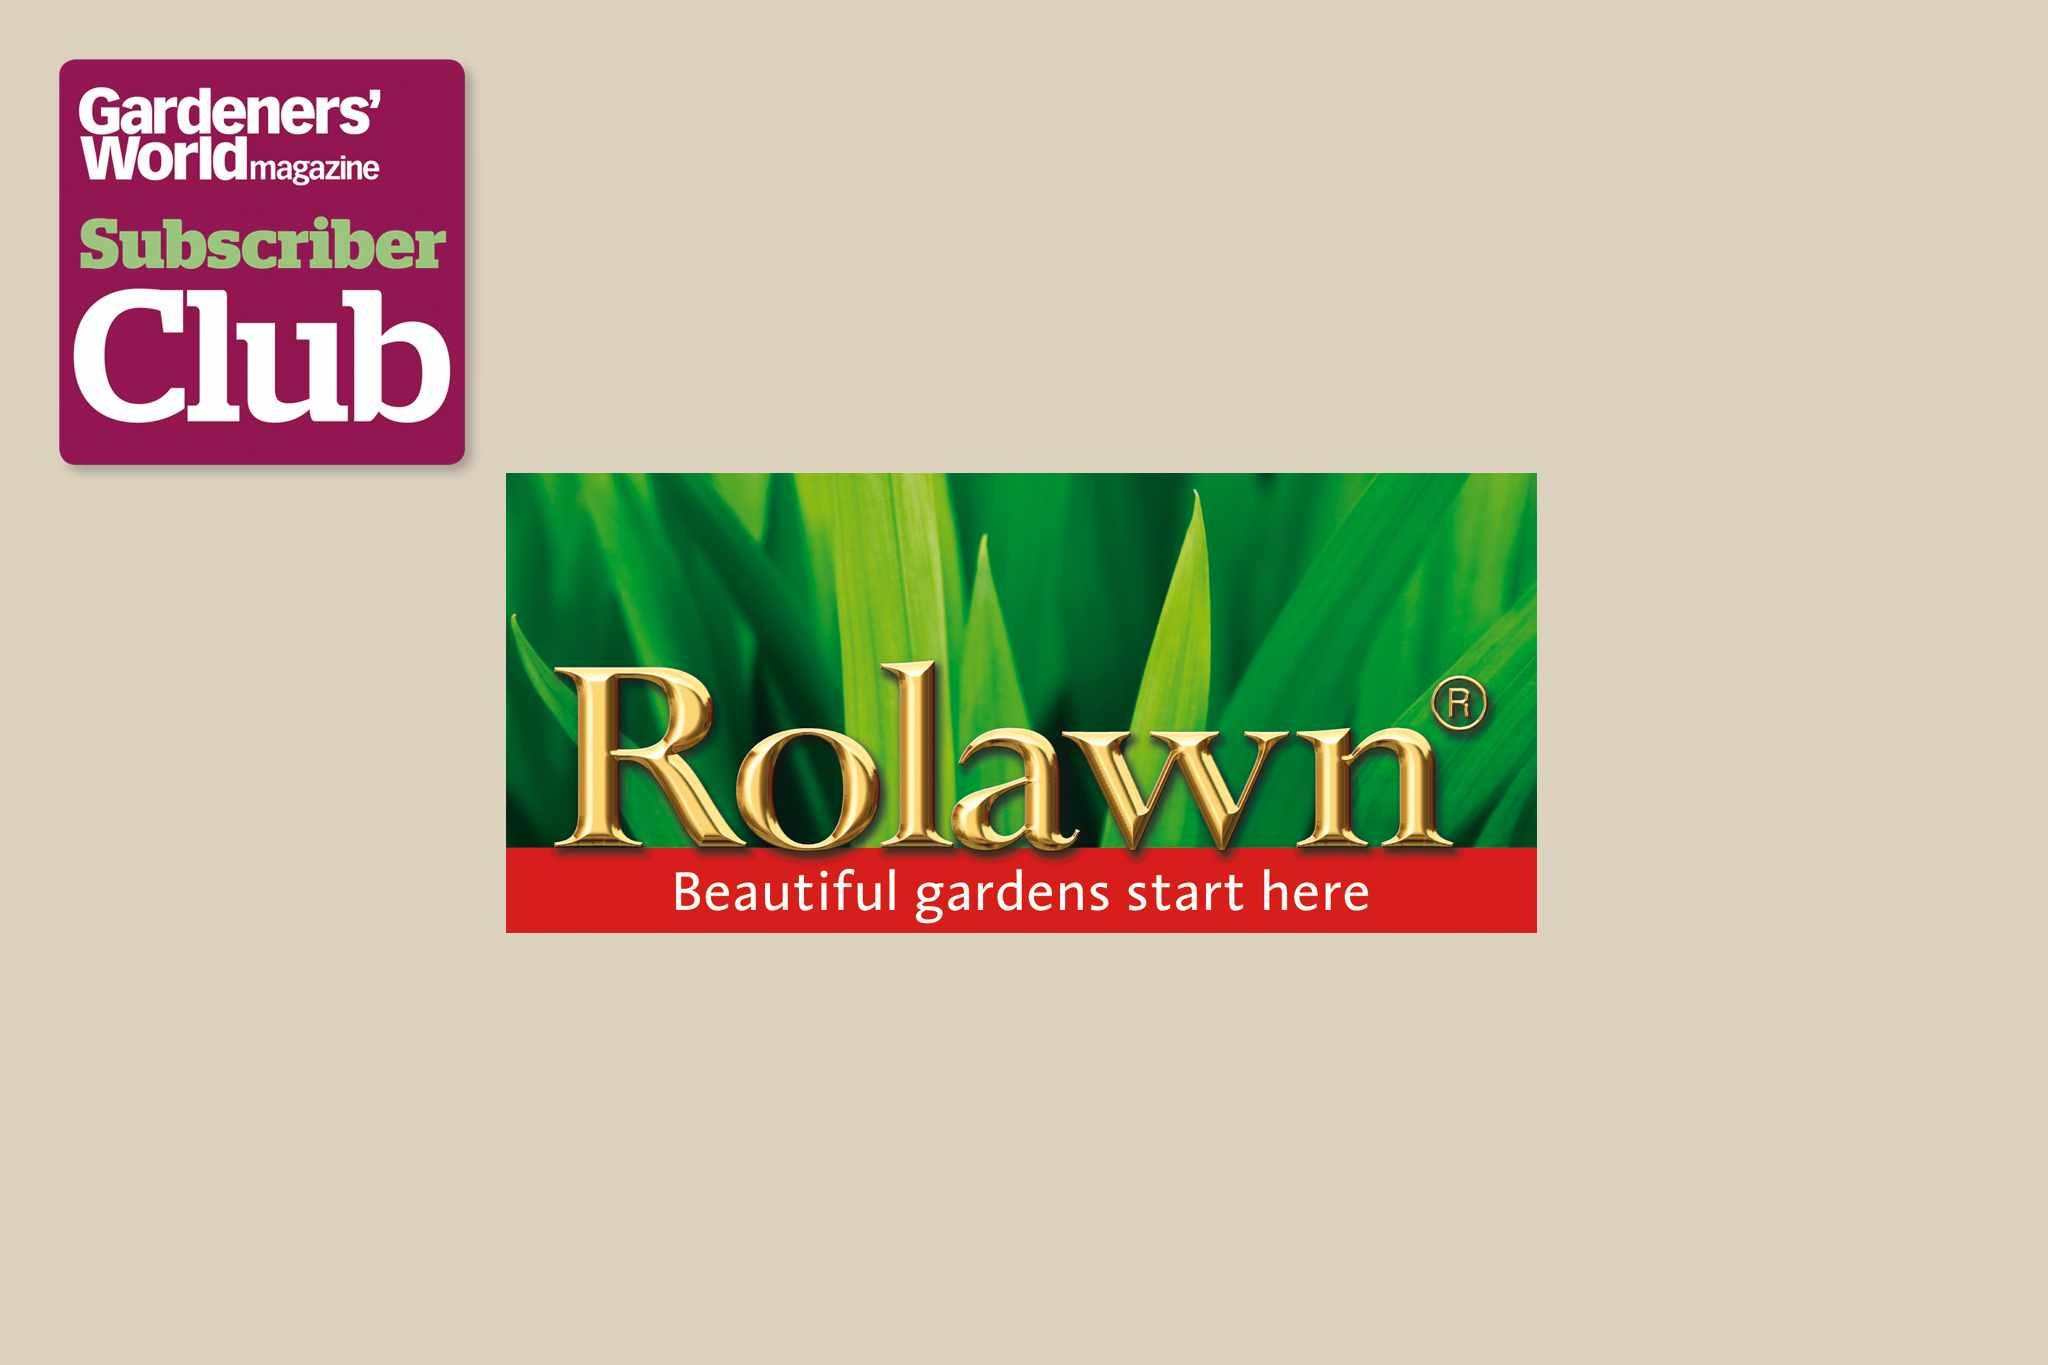 RolawnGarden Bird Supplies BBC Gardeners' World Magazine Subscriber Club discount